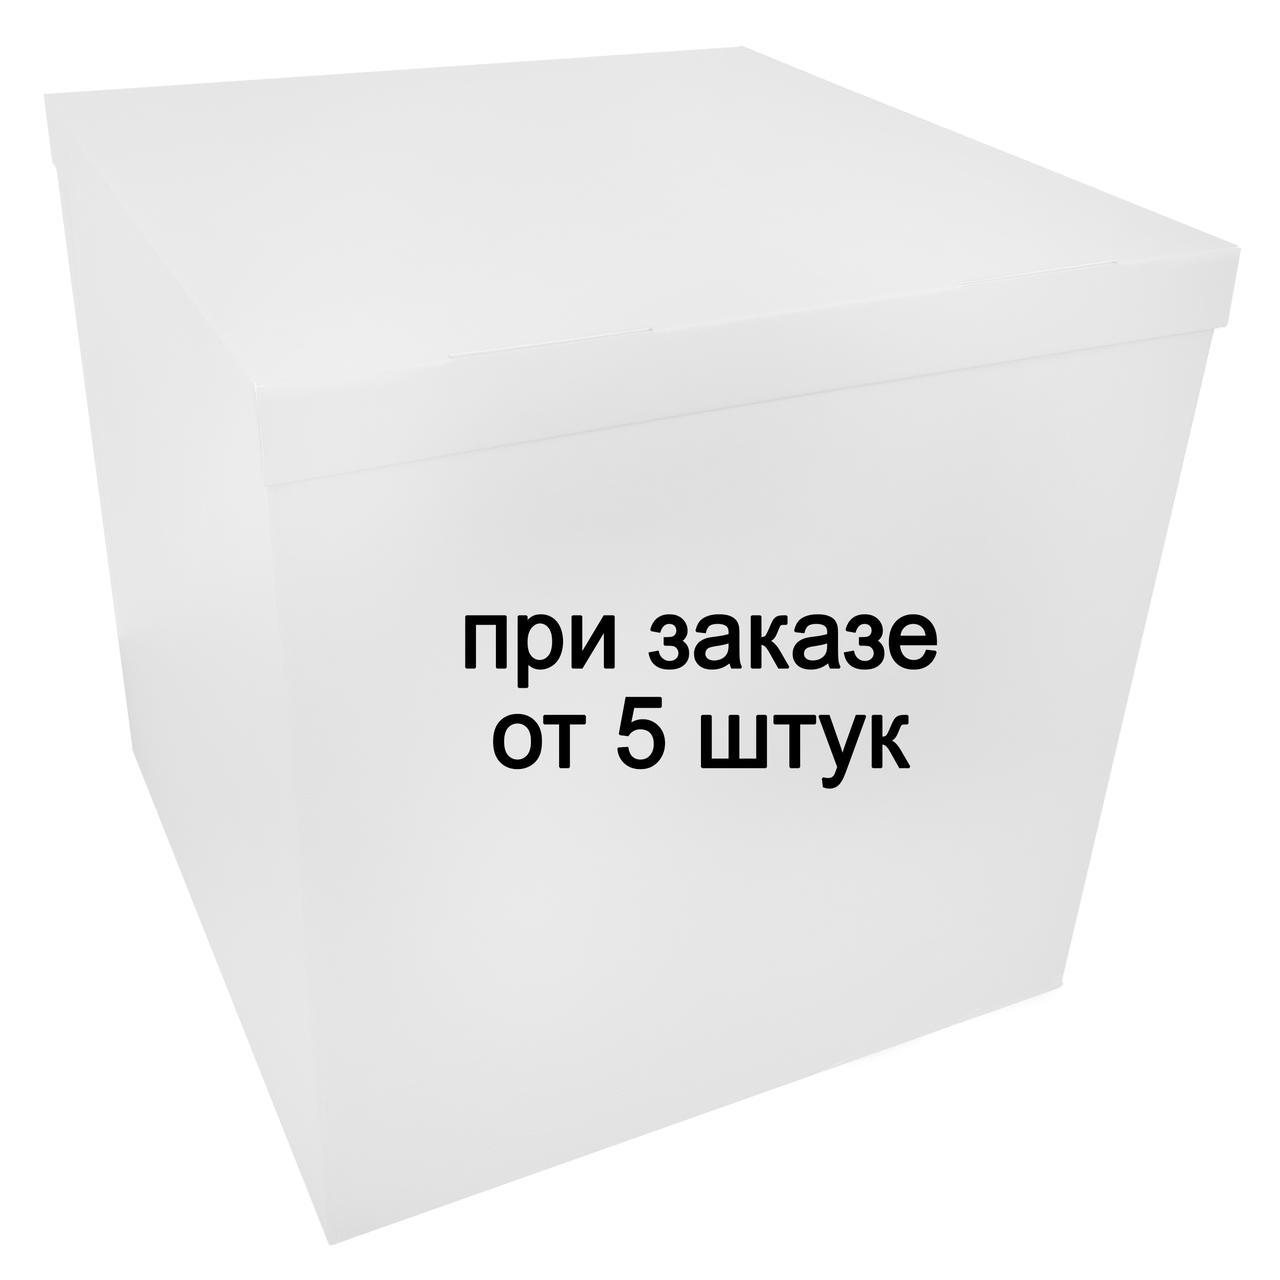 Коробка-сюрприз 70*70*70см двухсторонняя белая